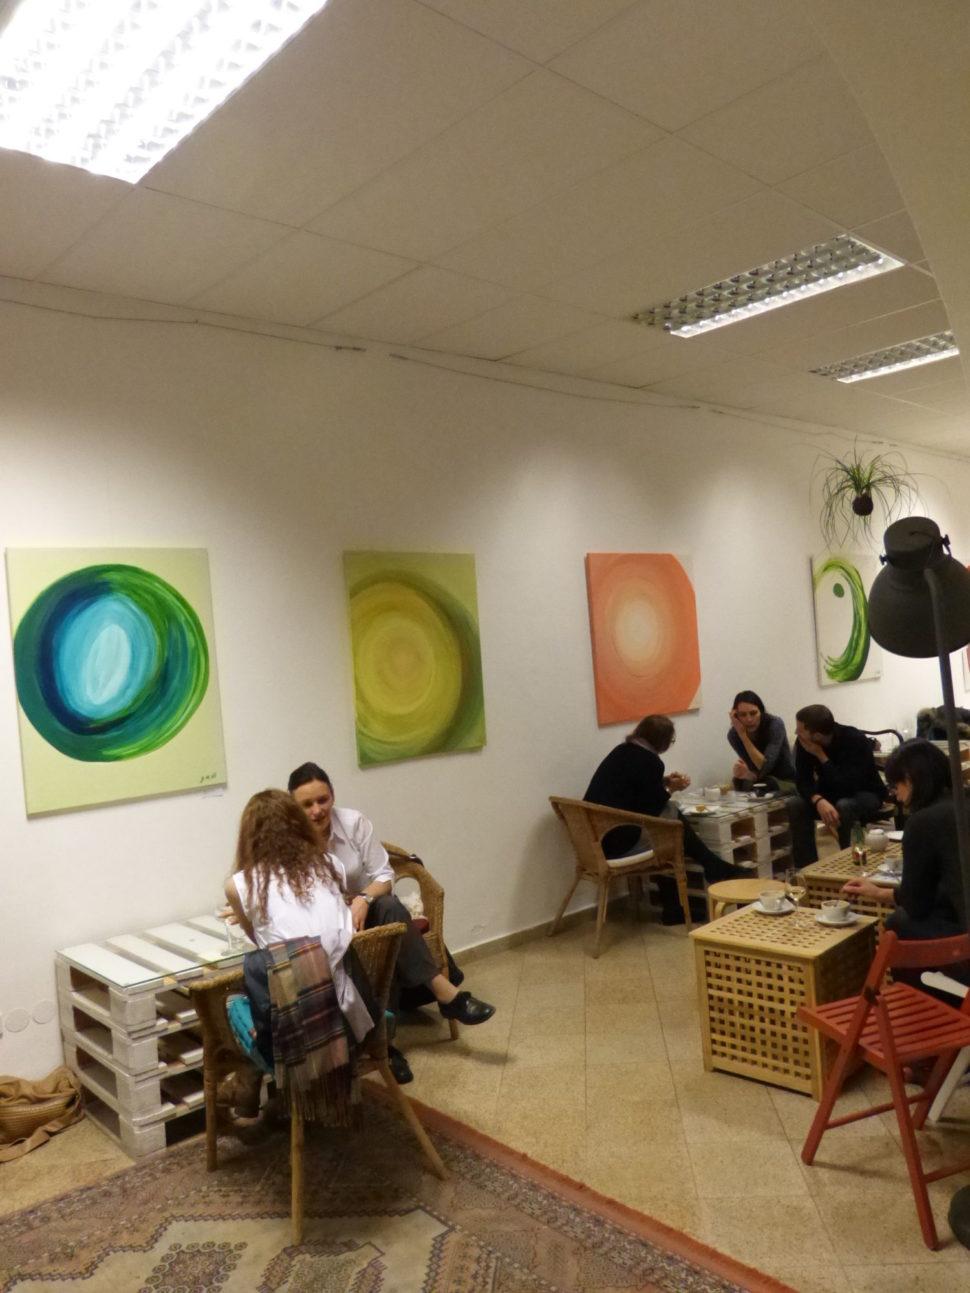 Moderní abstraktní obrazy Jane H. - výstava České Budějovice, kavárna Česné oči porcelánových šálků